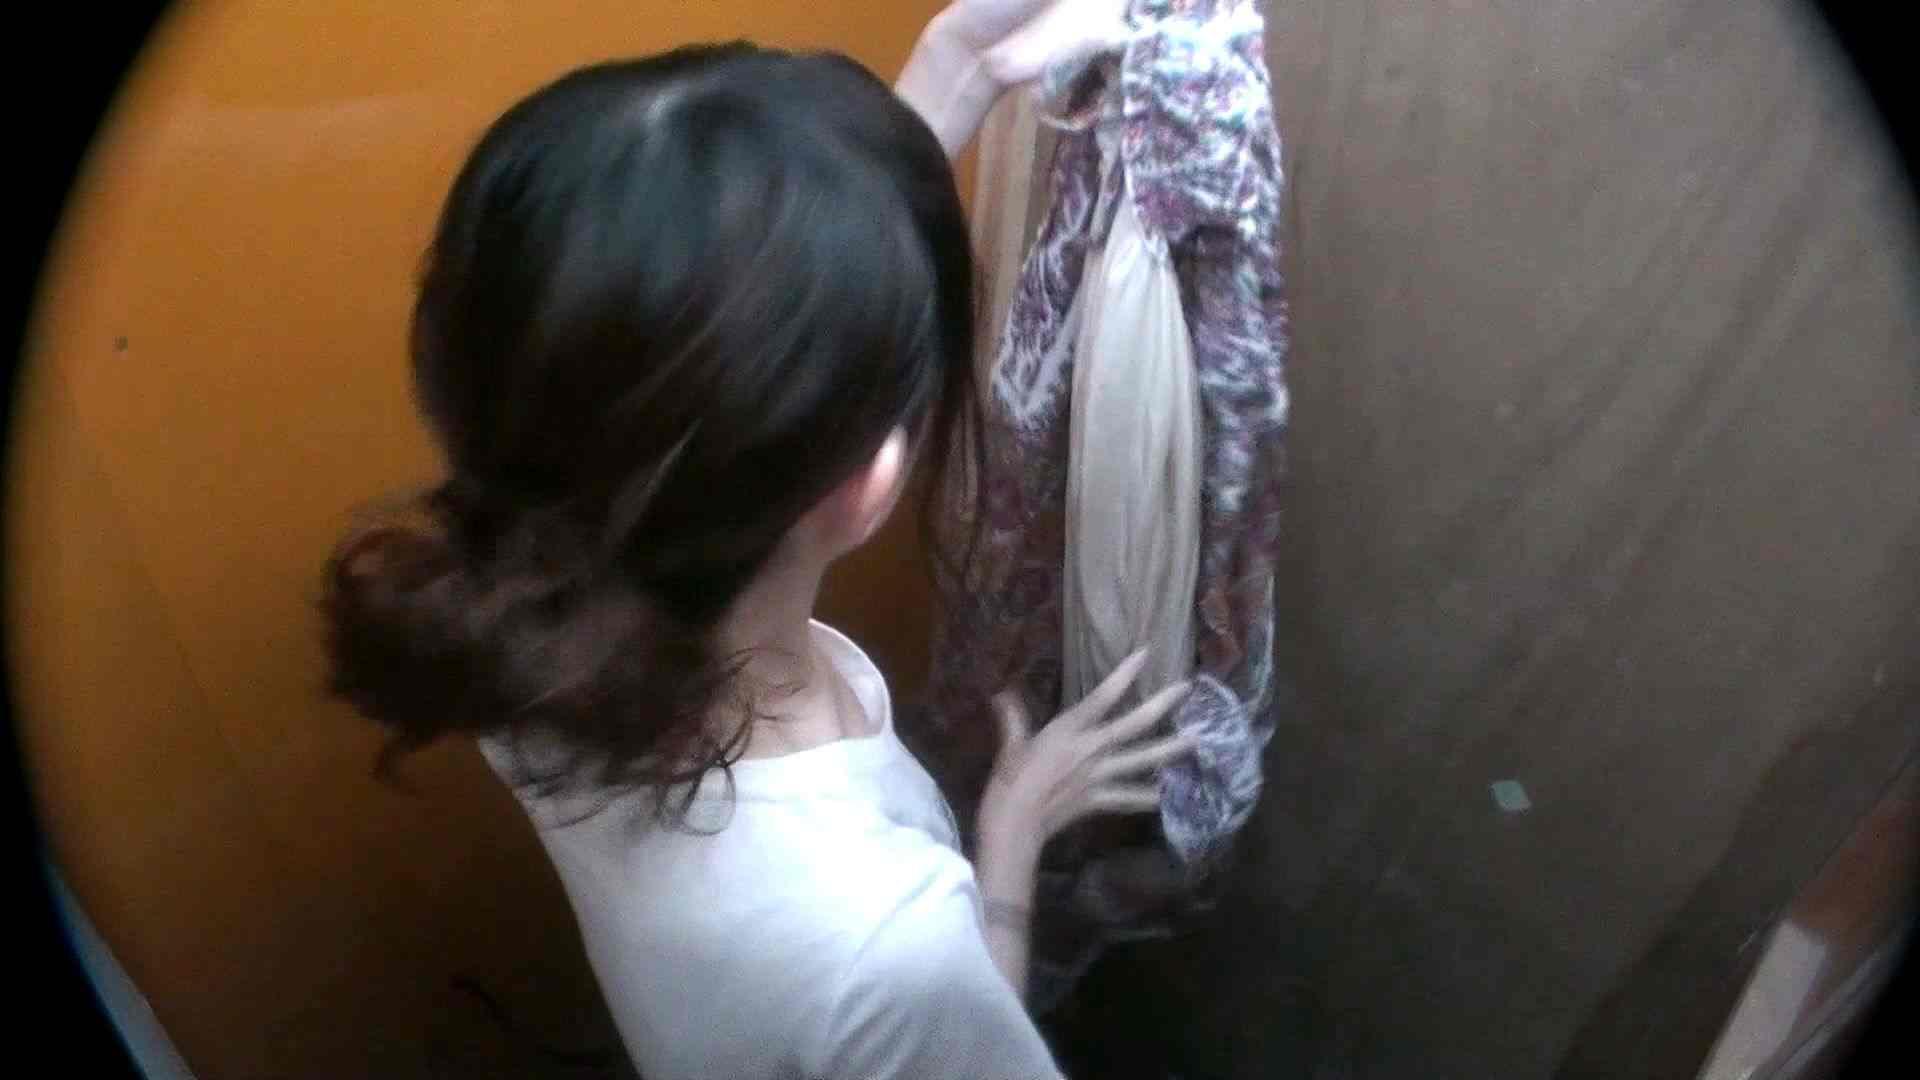 シャワールームは超!!危険な香りVol.29 こっちを向いて欲しい貧乳姉さん エロティックなOL 性交動画流出 85画像 6